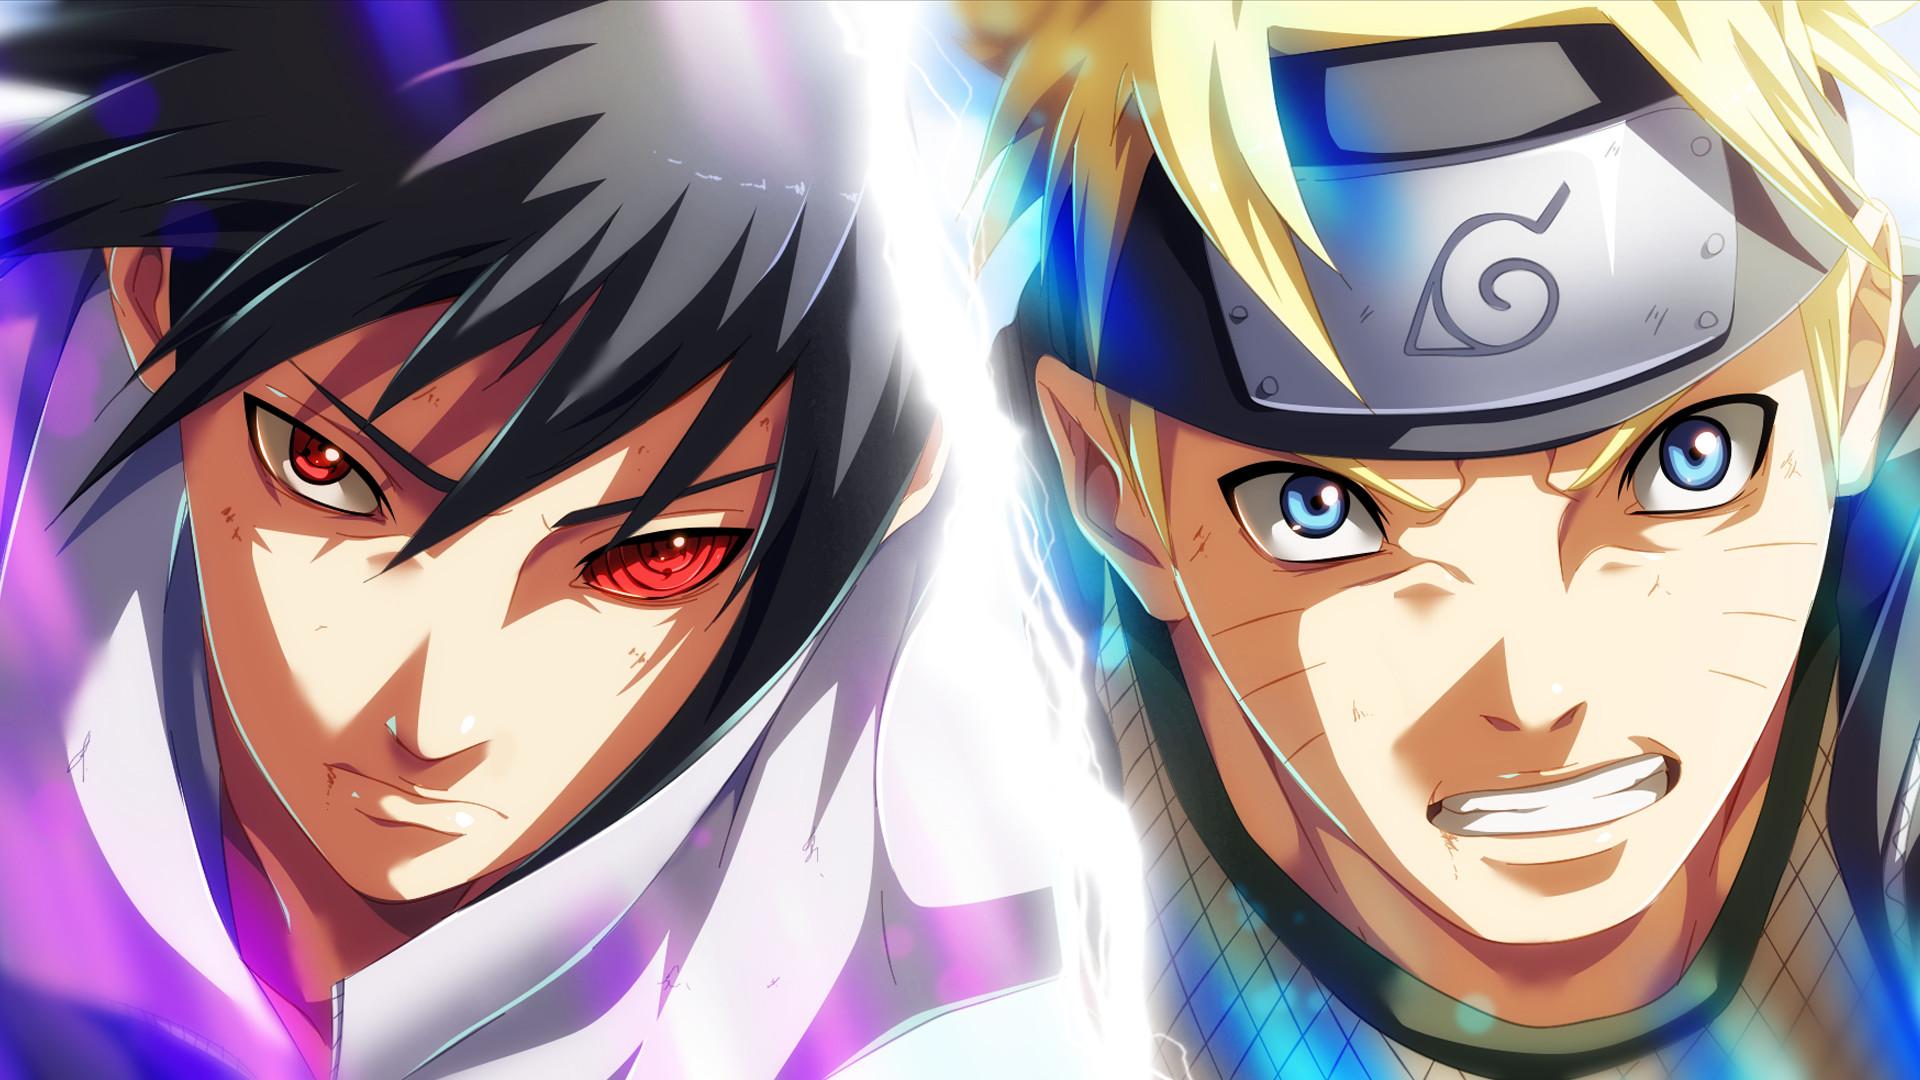 Naruto-sasuke-wallpaper-hs-10